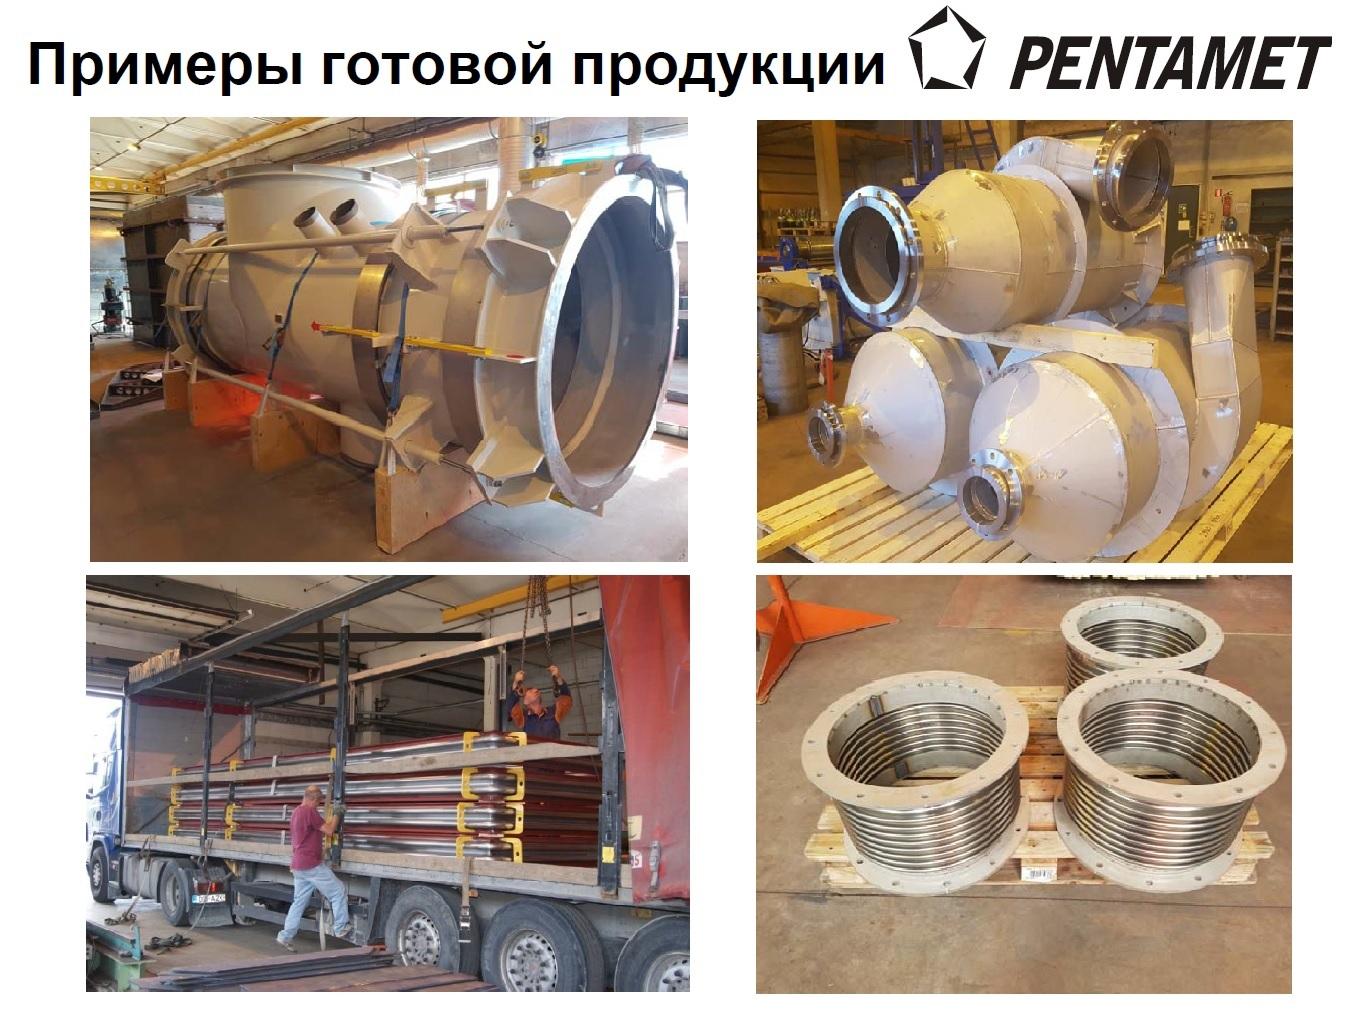 pentamet products.jpg